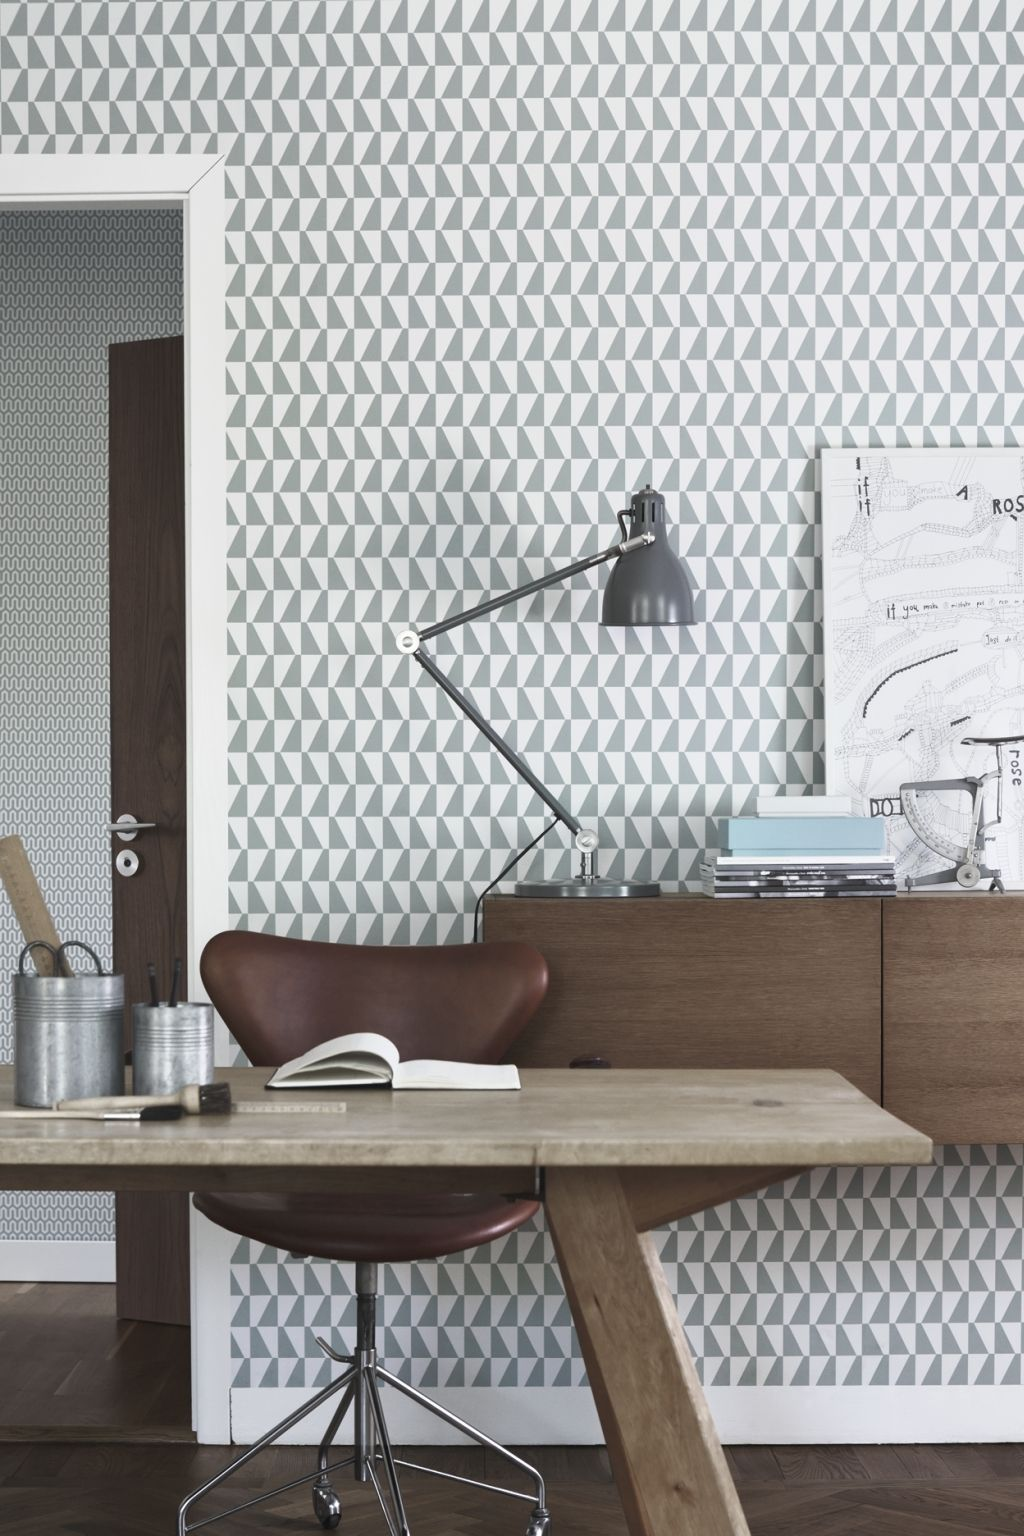 Arne jacobsen interior scandinavian designers  vliestapete arne jacobsen graphisches